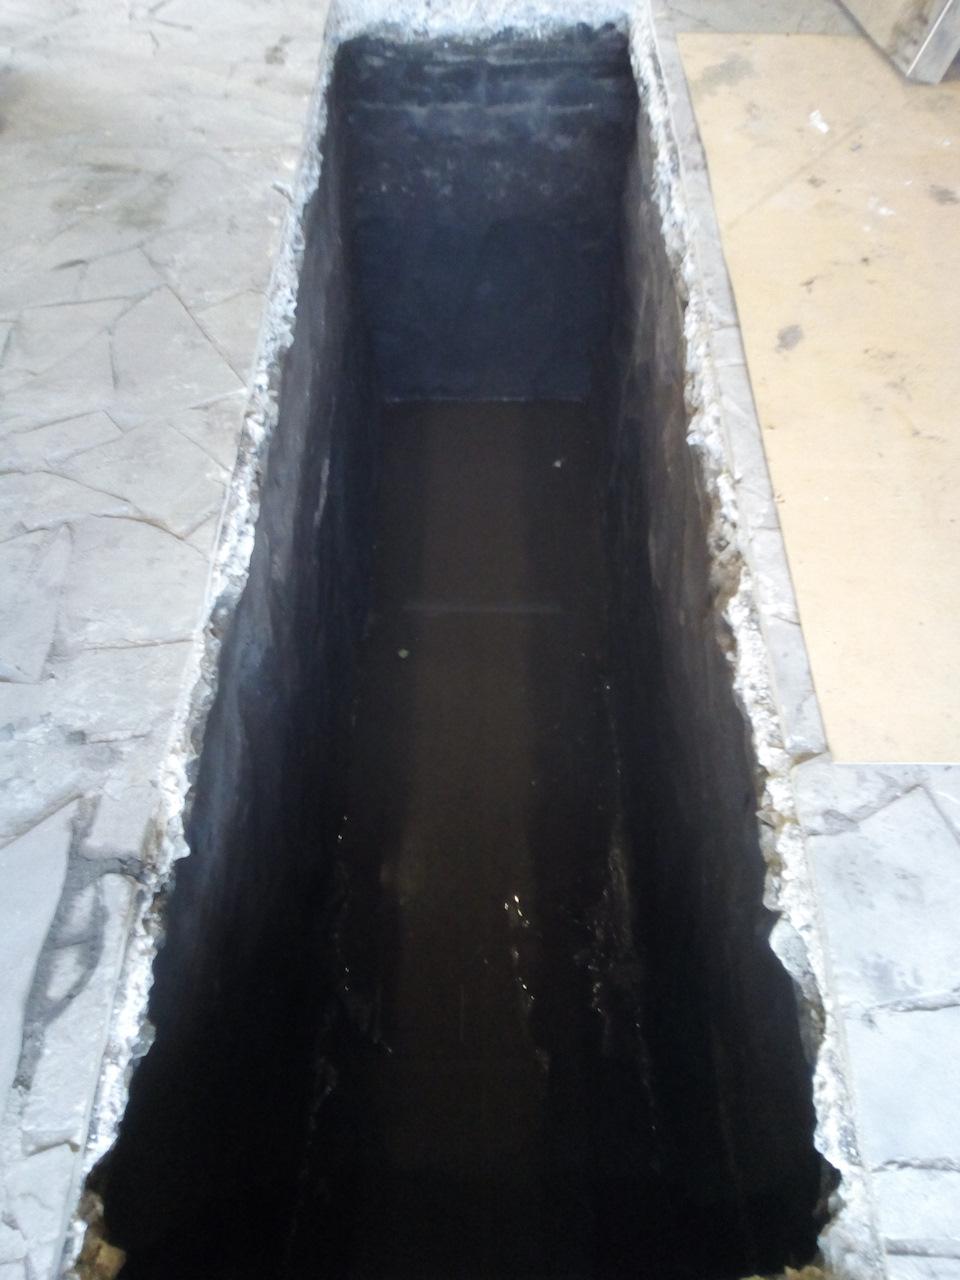 6f87j4le7 960 - Яма в гараже грунтовые воды